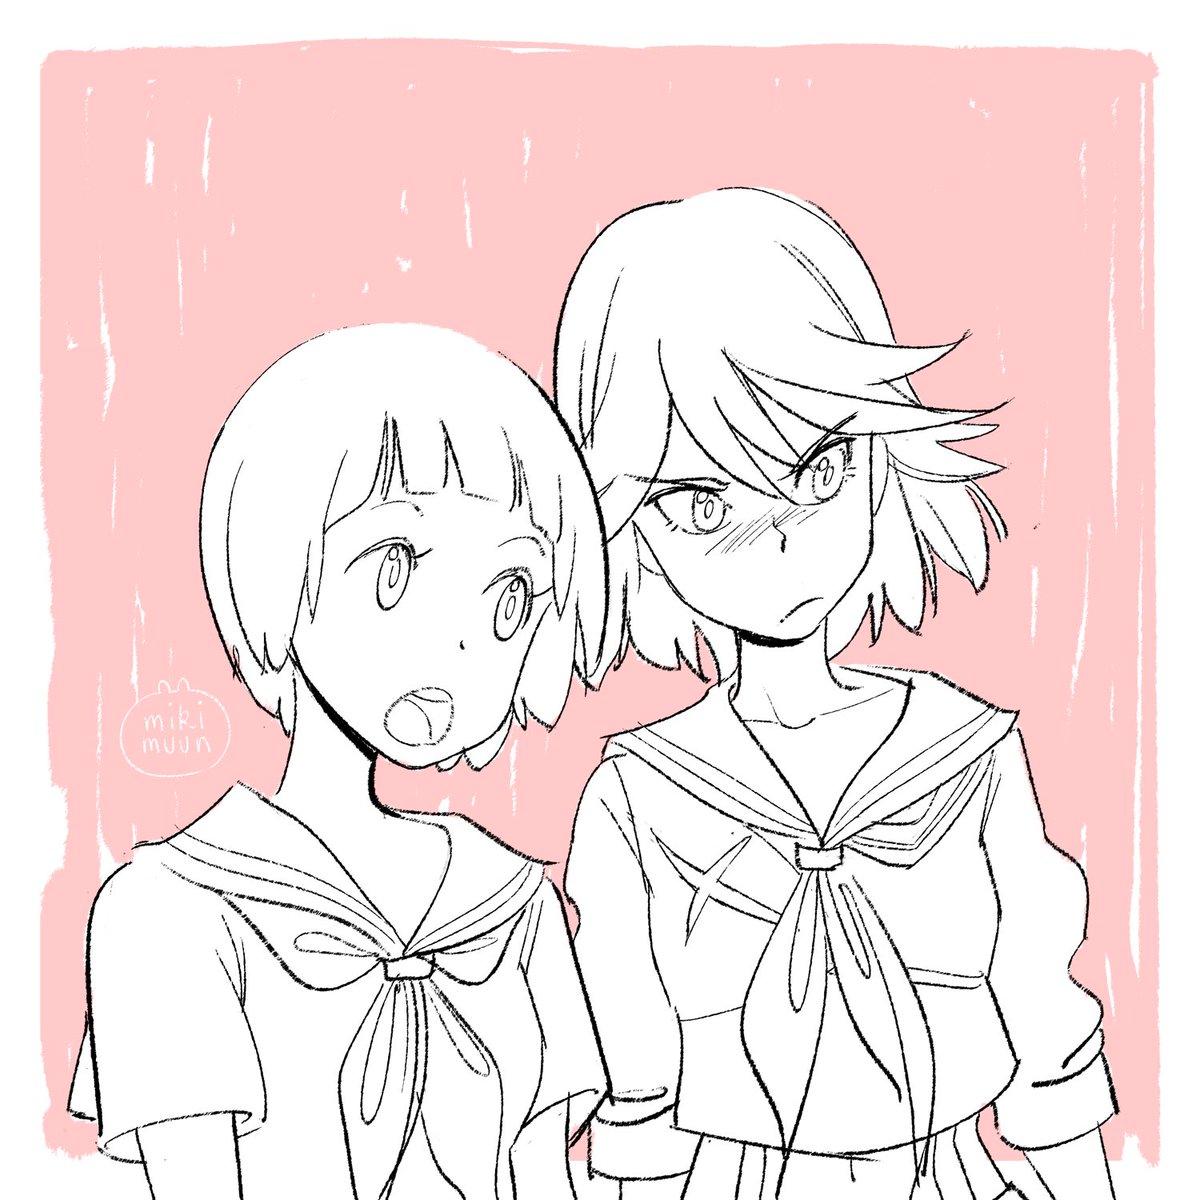 Miki Muun On Twitter Ryuko And Mako Killlakill Fanart